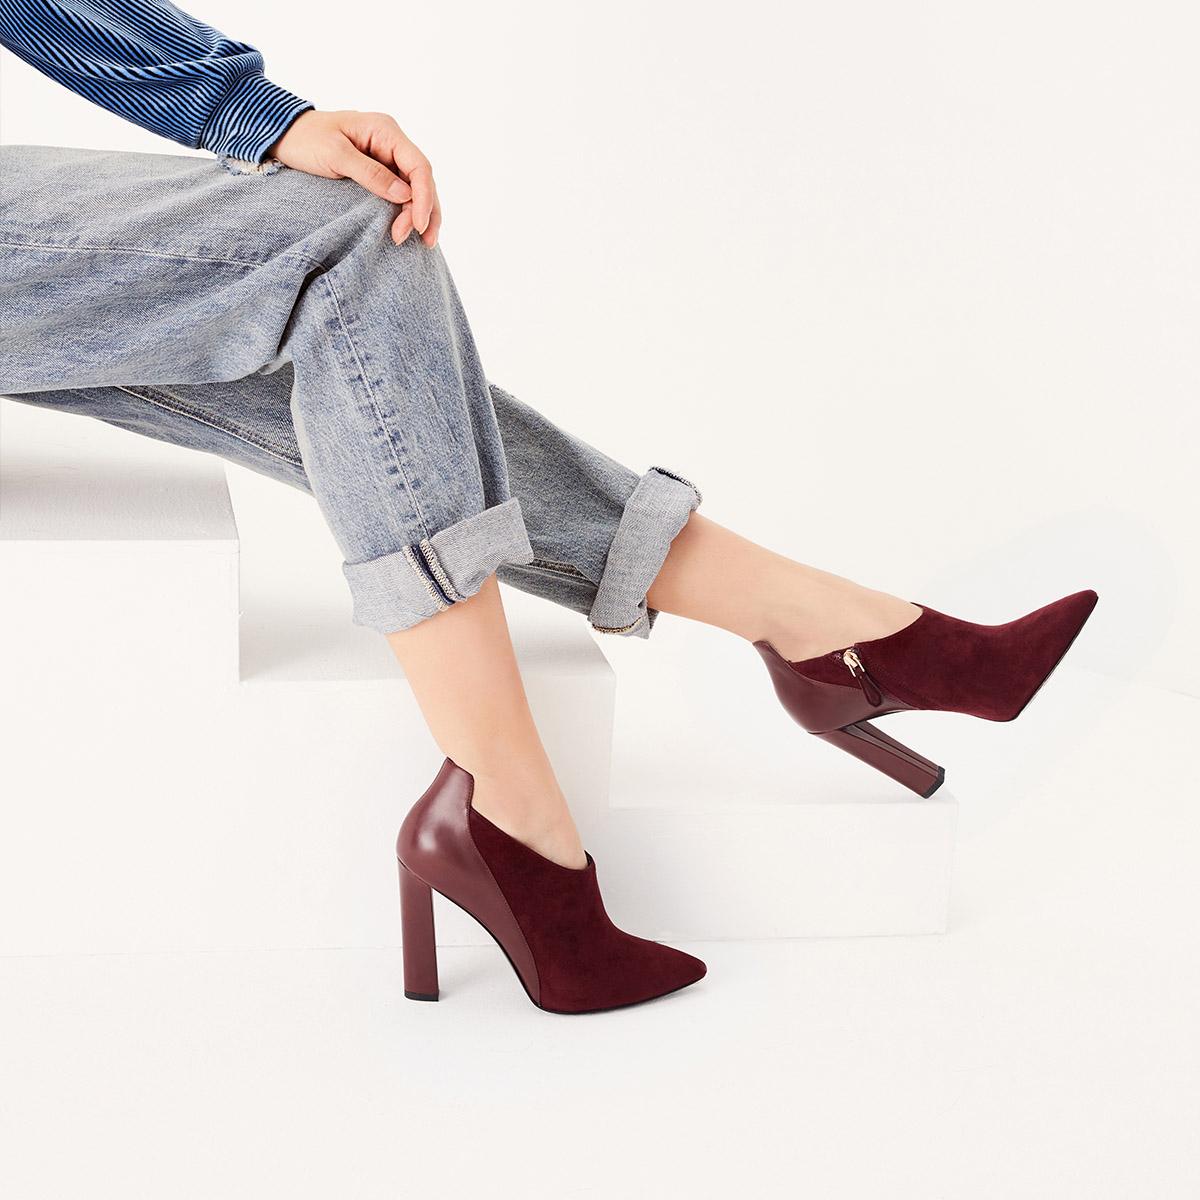 STELLA LUNA女士拼接女靴尖头短靴高跟踝靴SF320C11817